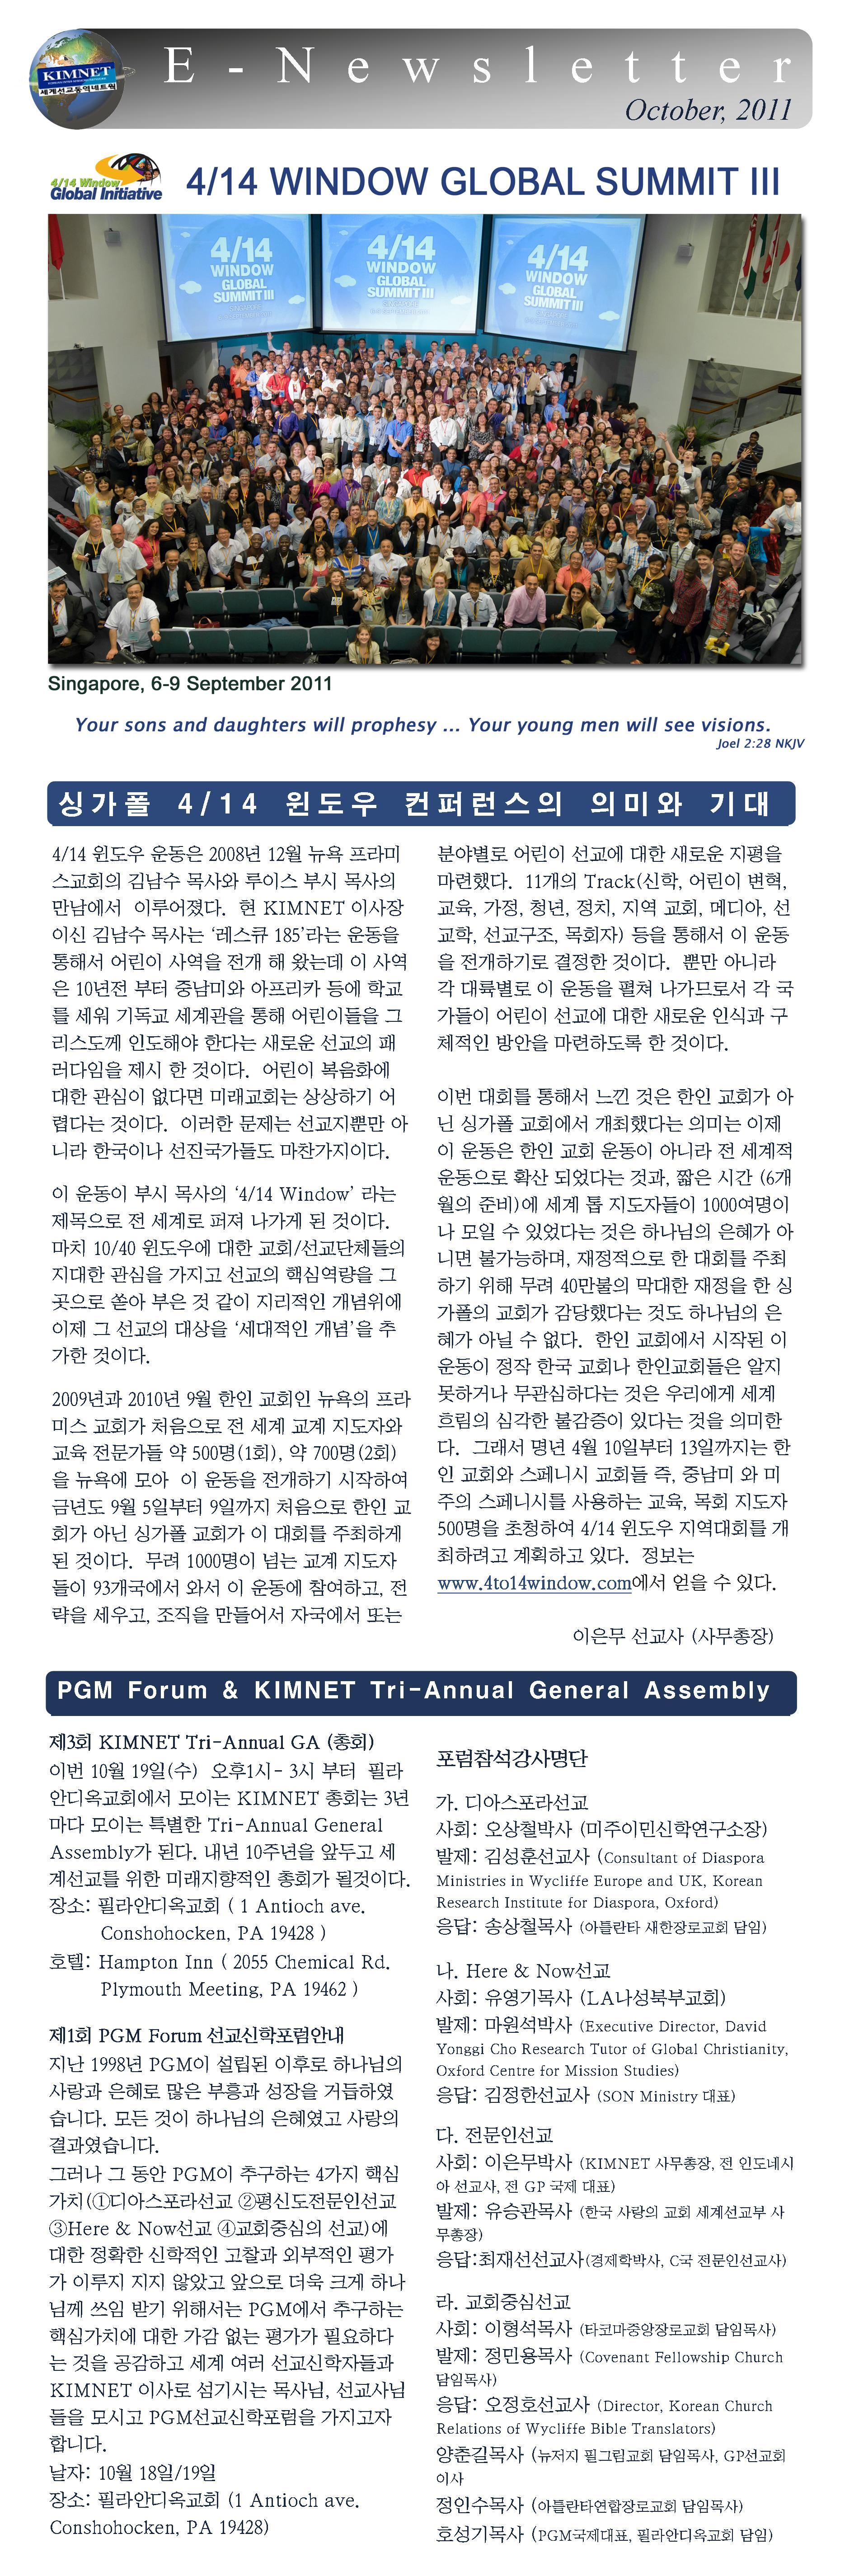 2011_10_e_newsletter.jpg